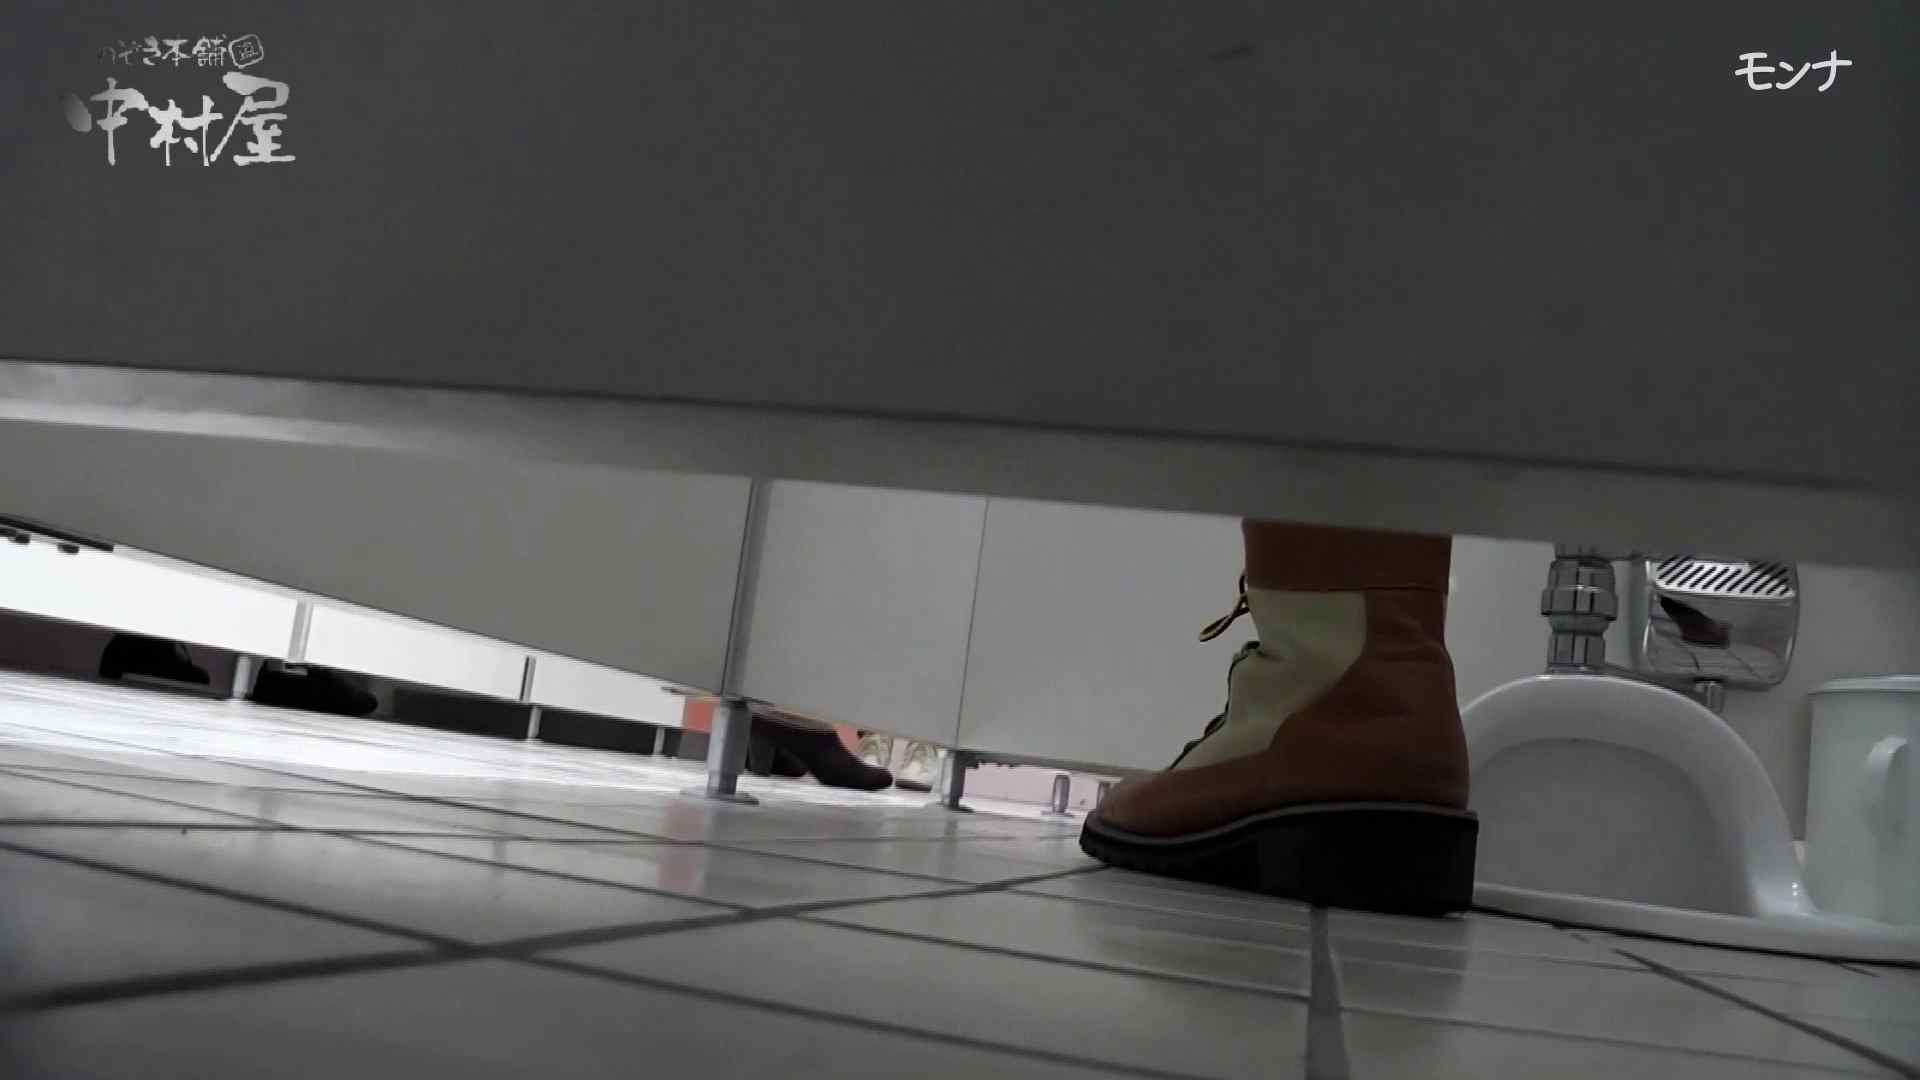 美しい日本の未来 No.49 何があった?カメラ持ちながらみんなの前に!潜り抜け 後編 マンコ・ムレムレ すけべAV動画紹介 79pic 73